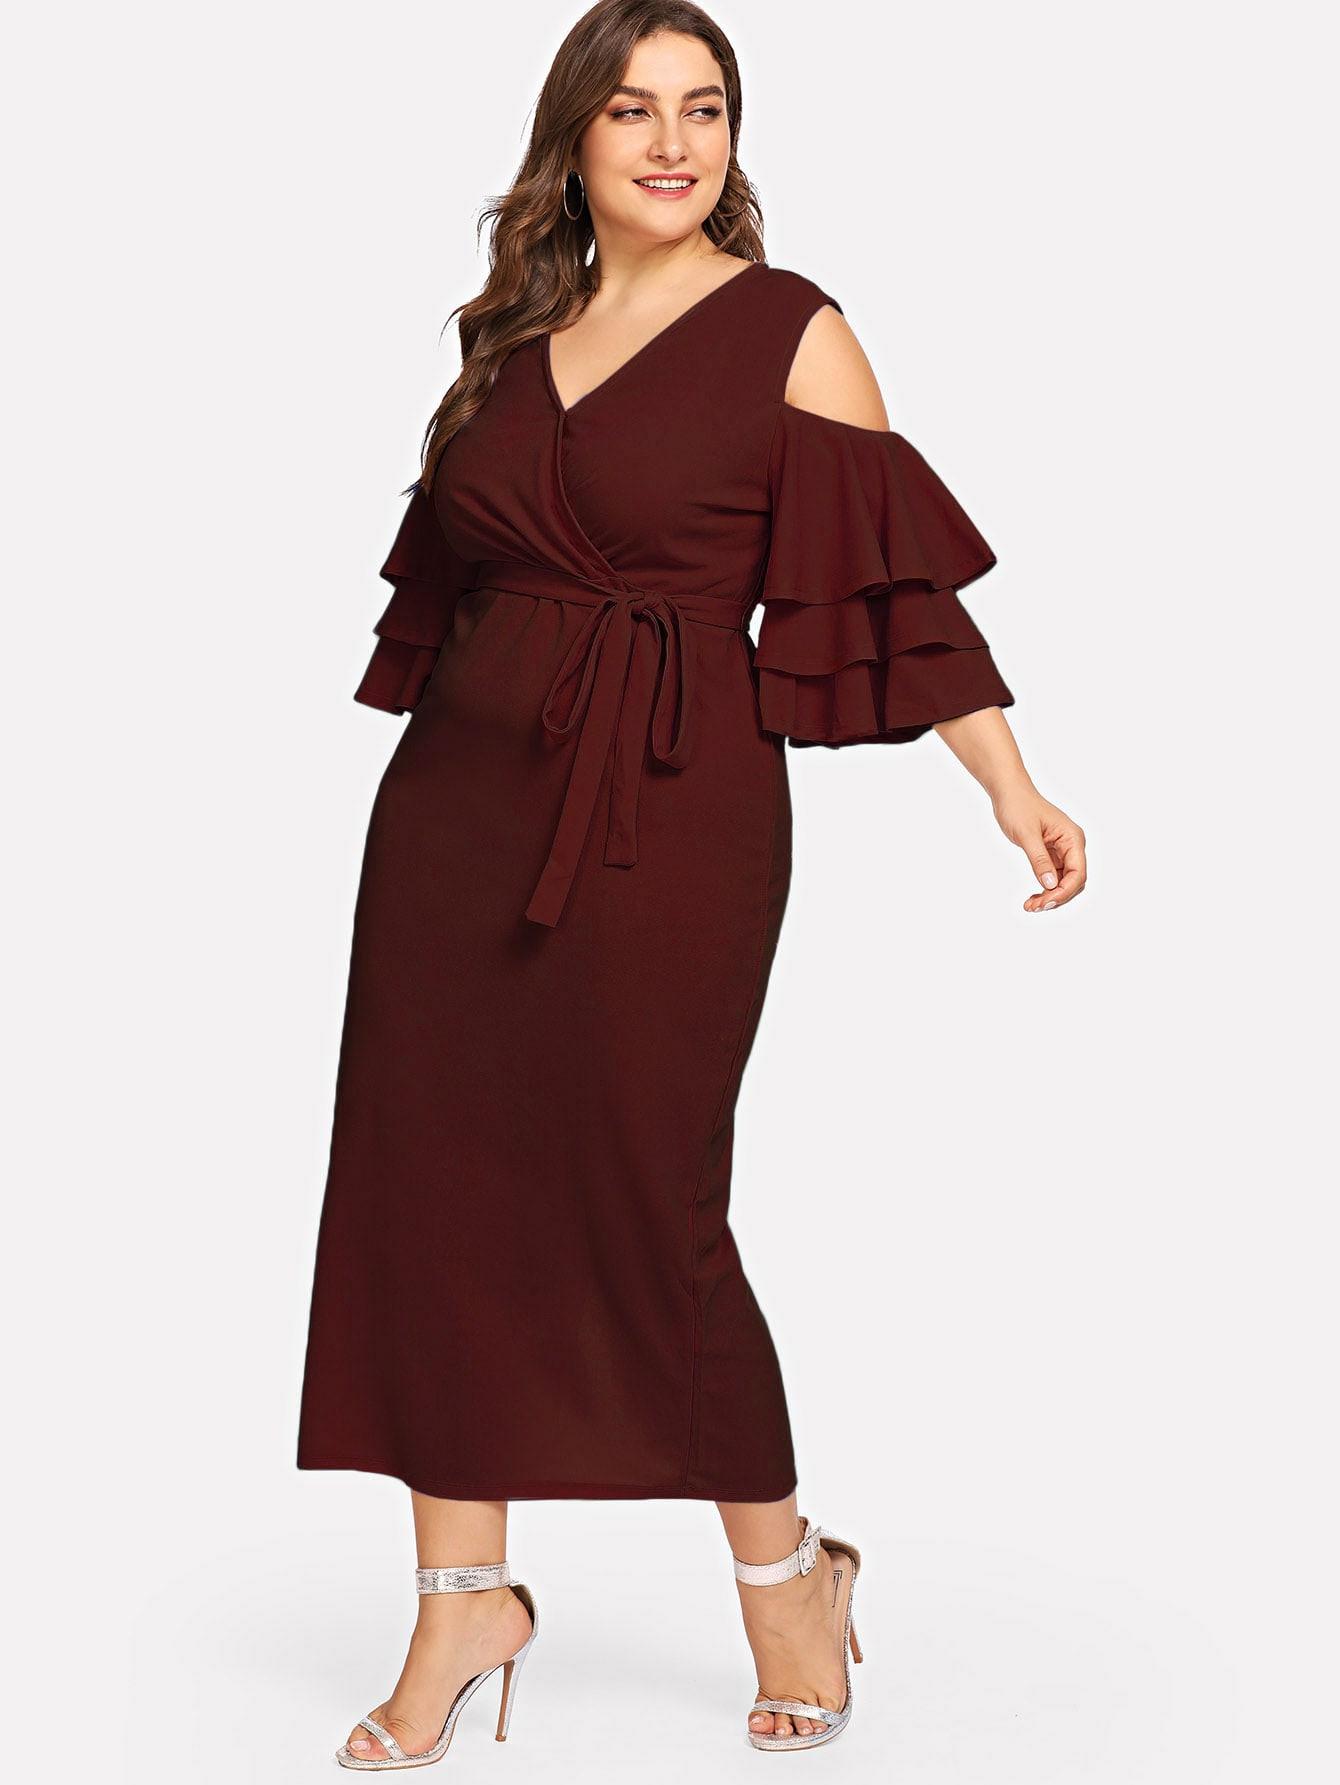 Übergroßes Kleid Mit Schulterfrei Geschichteten Ärmel Und